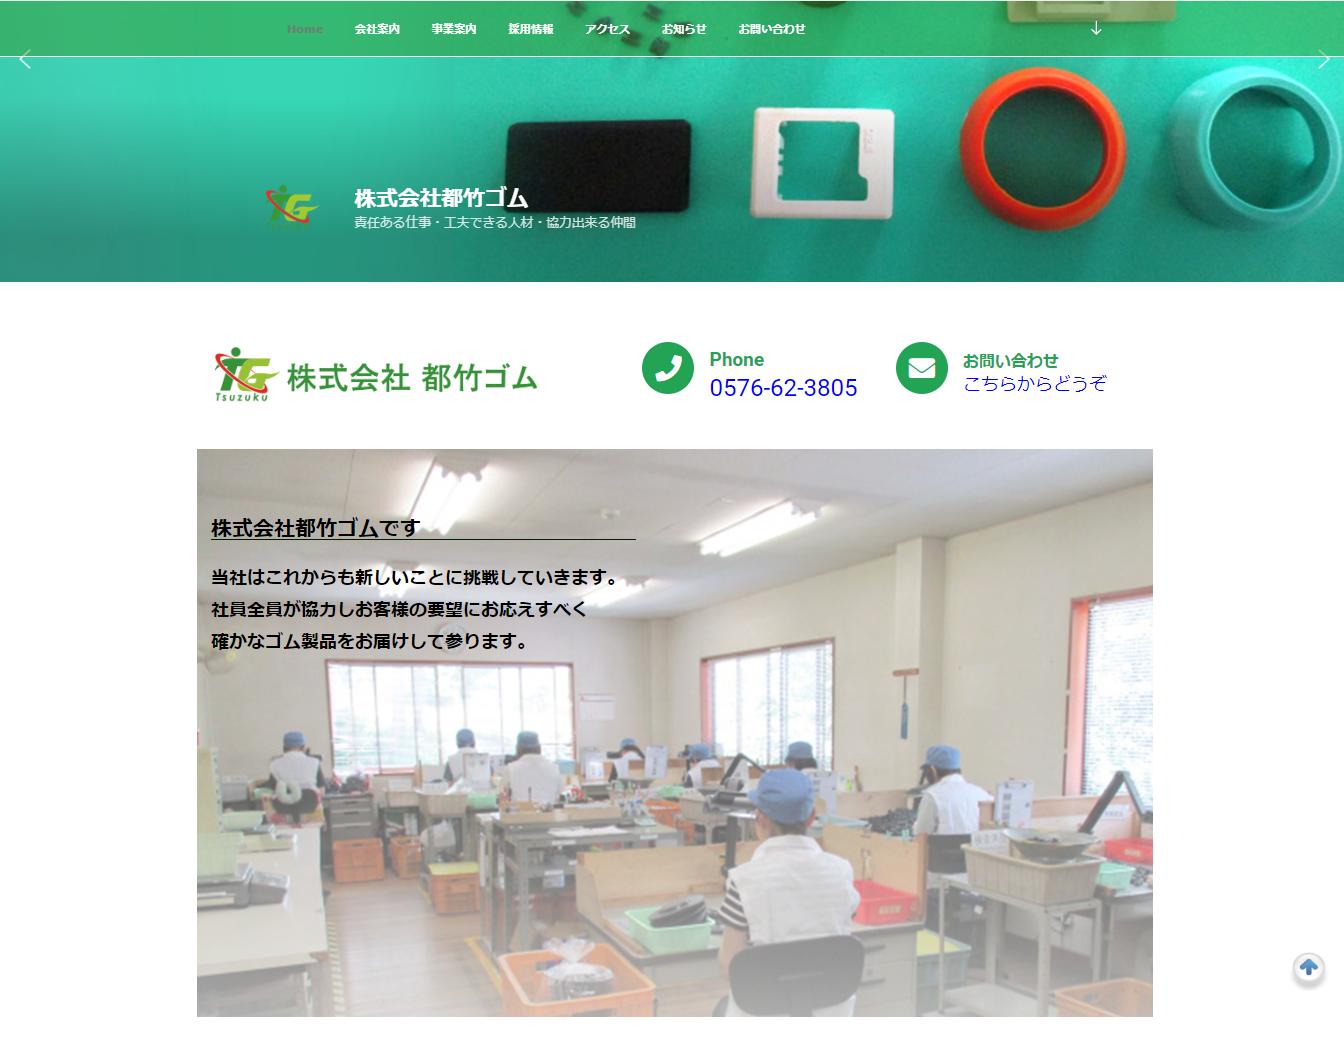 都竹ゴム、WEBサイト、新規開設しました。